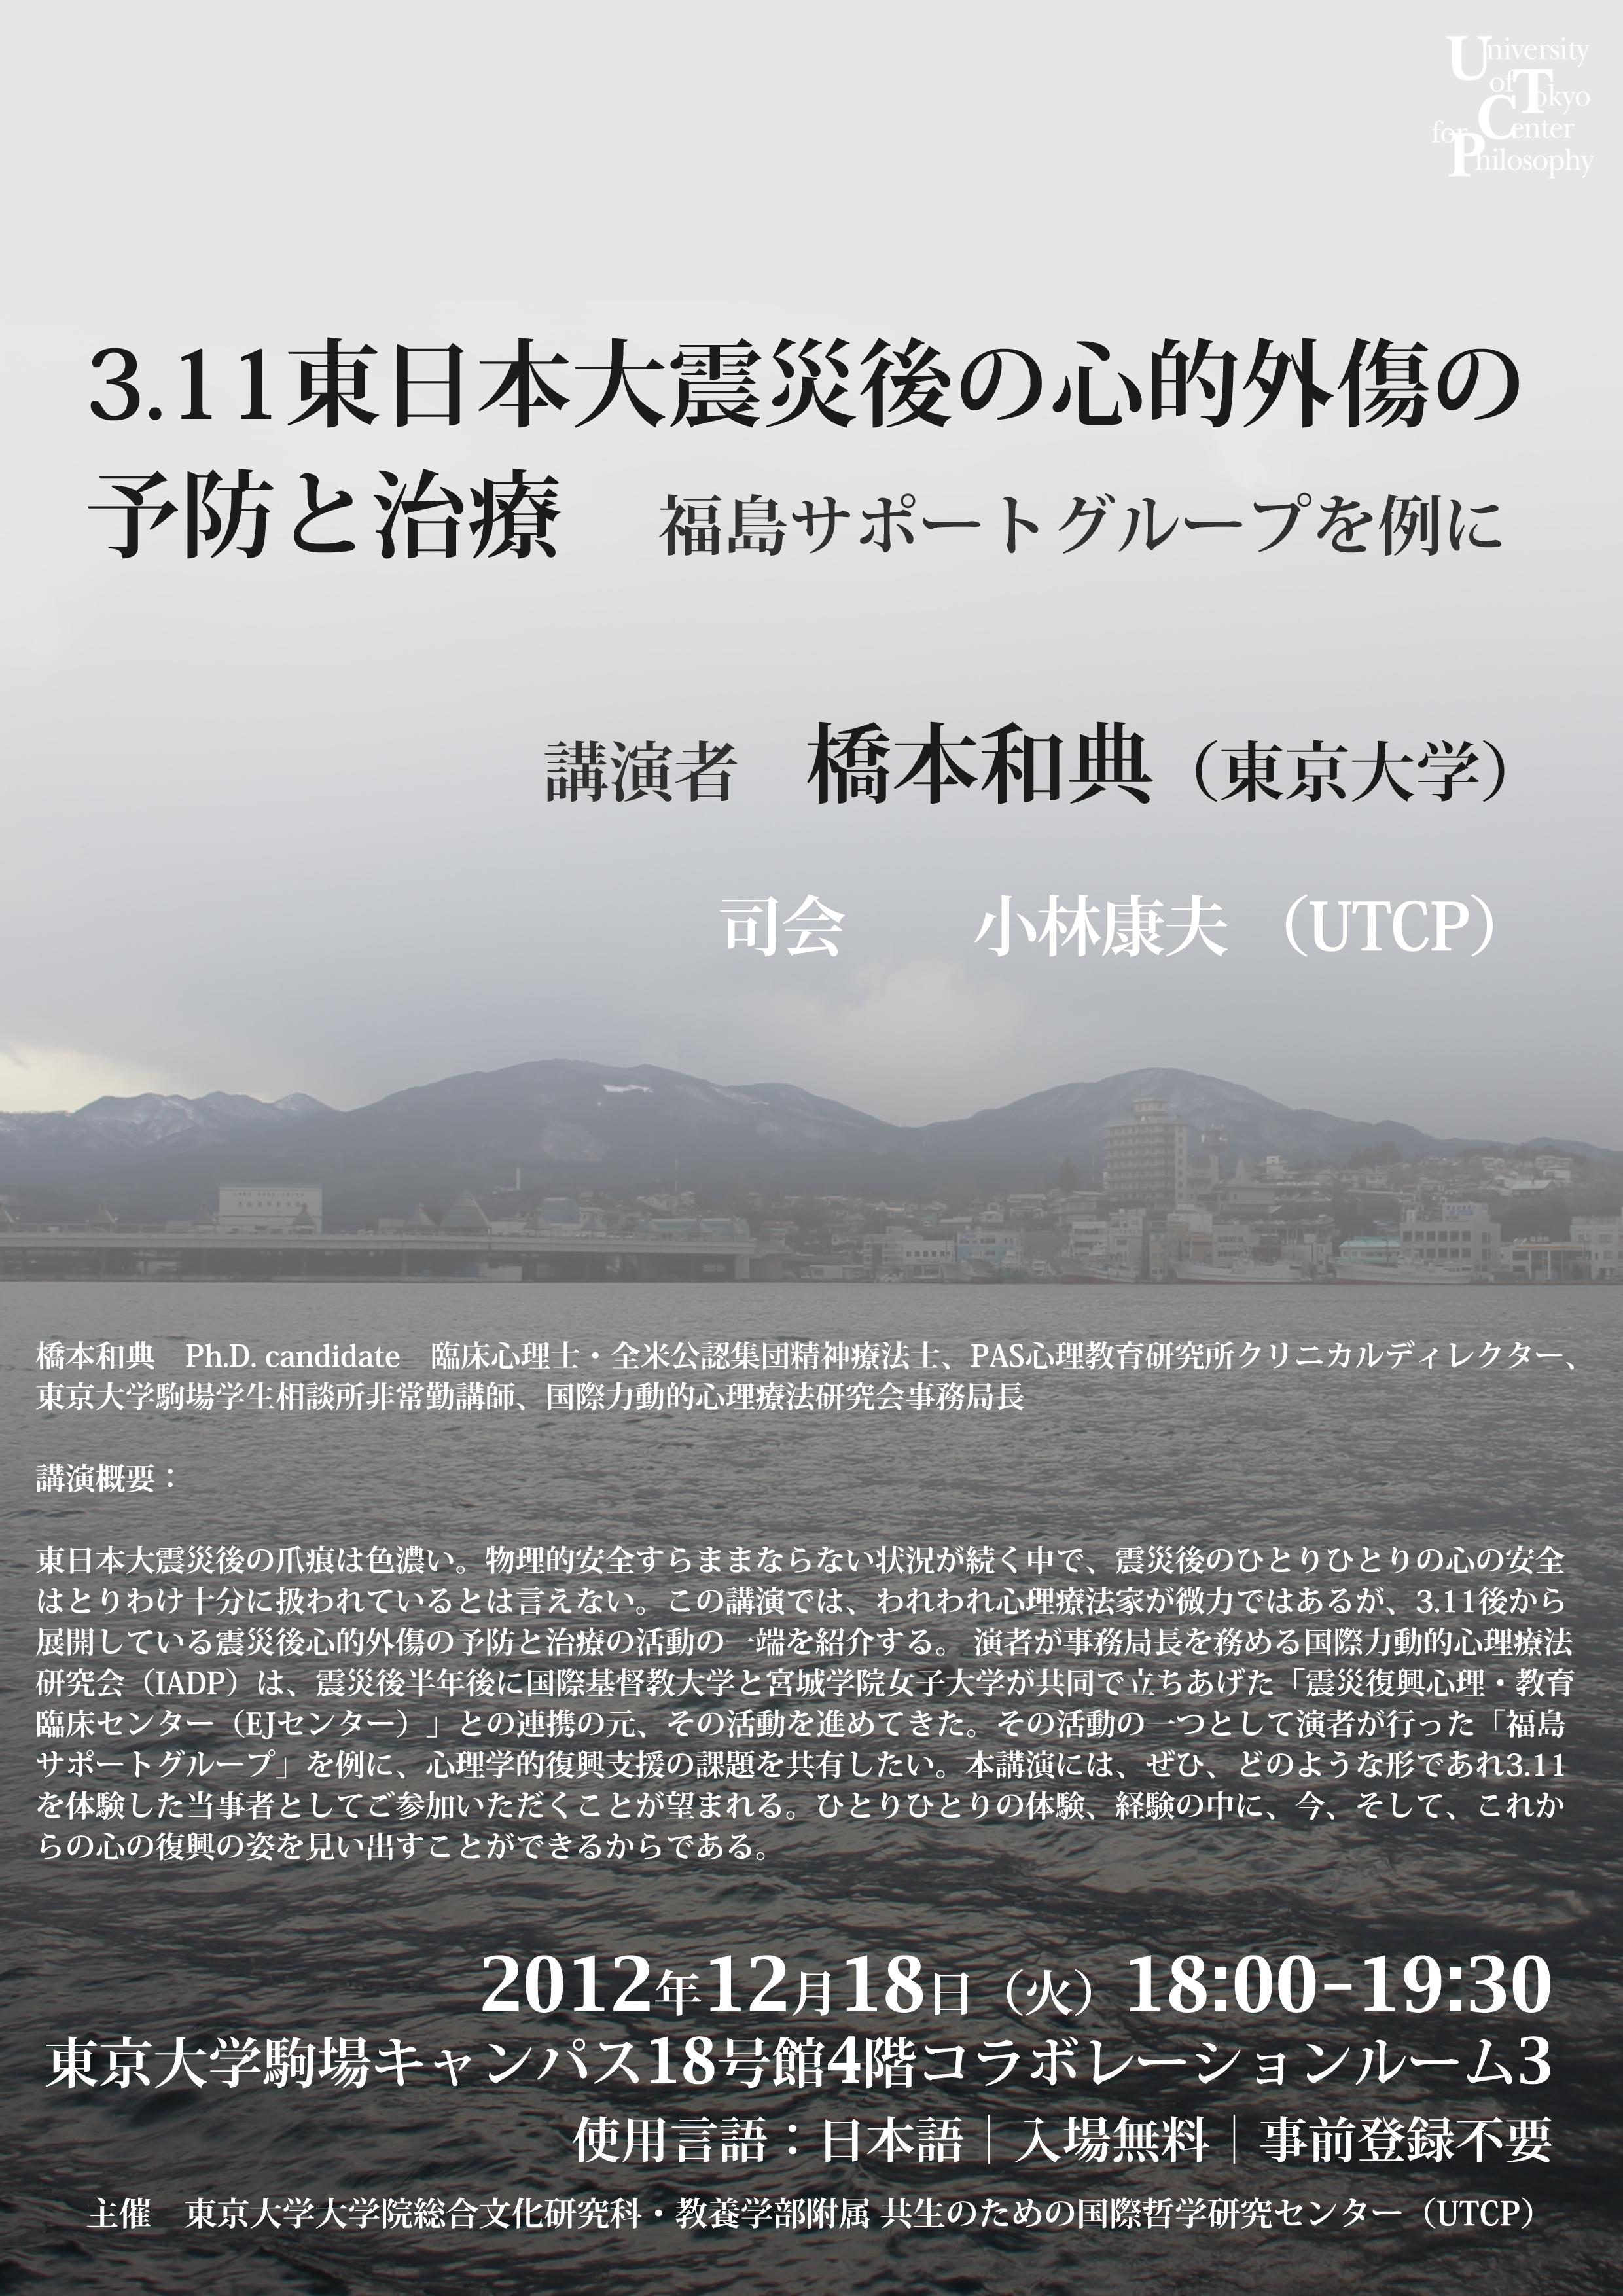 Poster_20121218_ver2.jpg